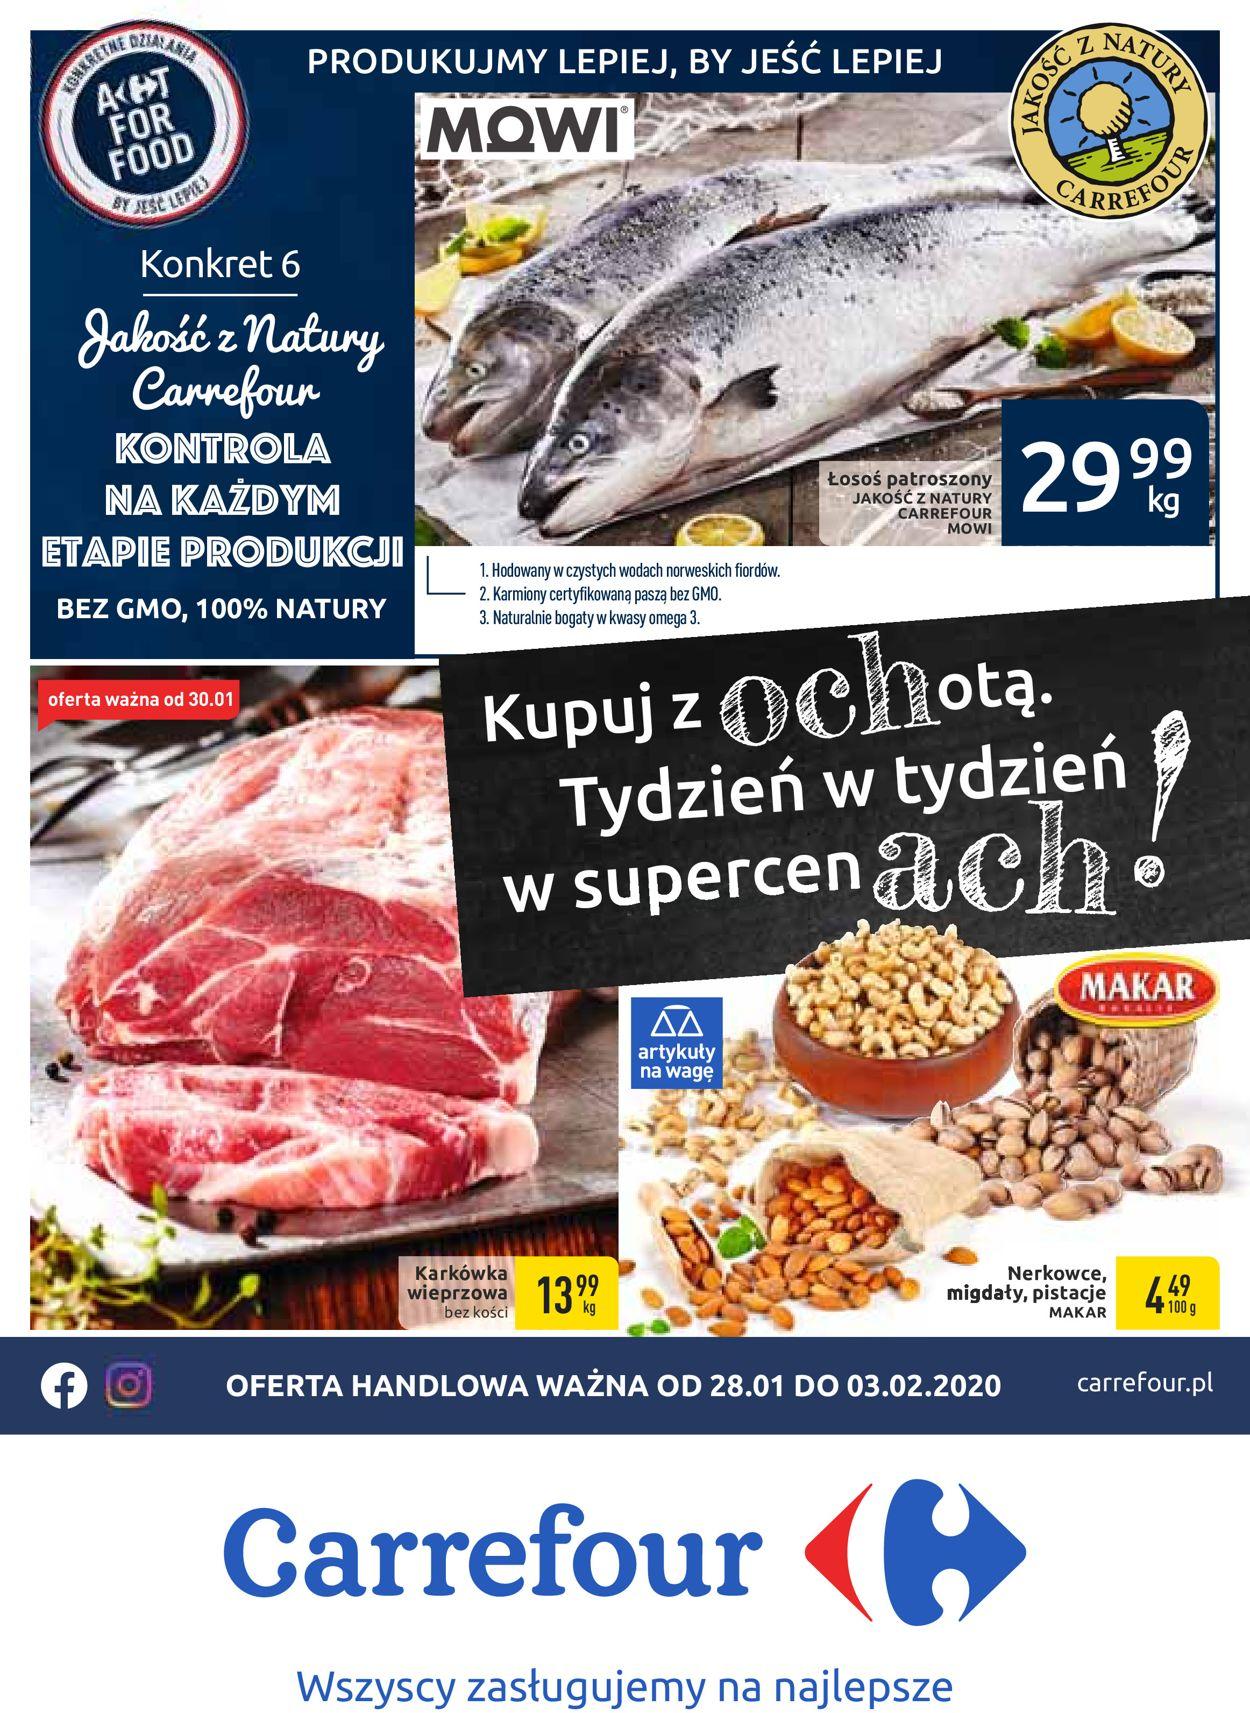 Gazetka promocyjna Carrefour - 28.01-03.02.2020